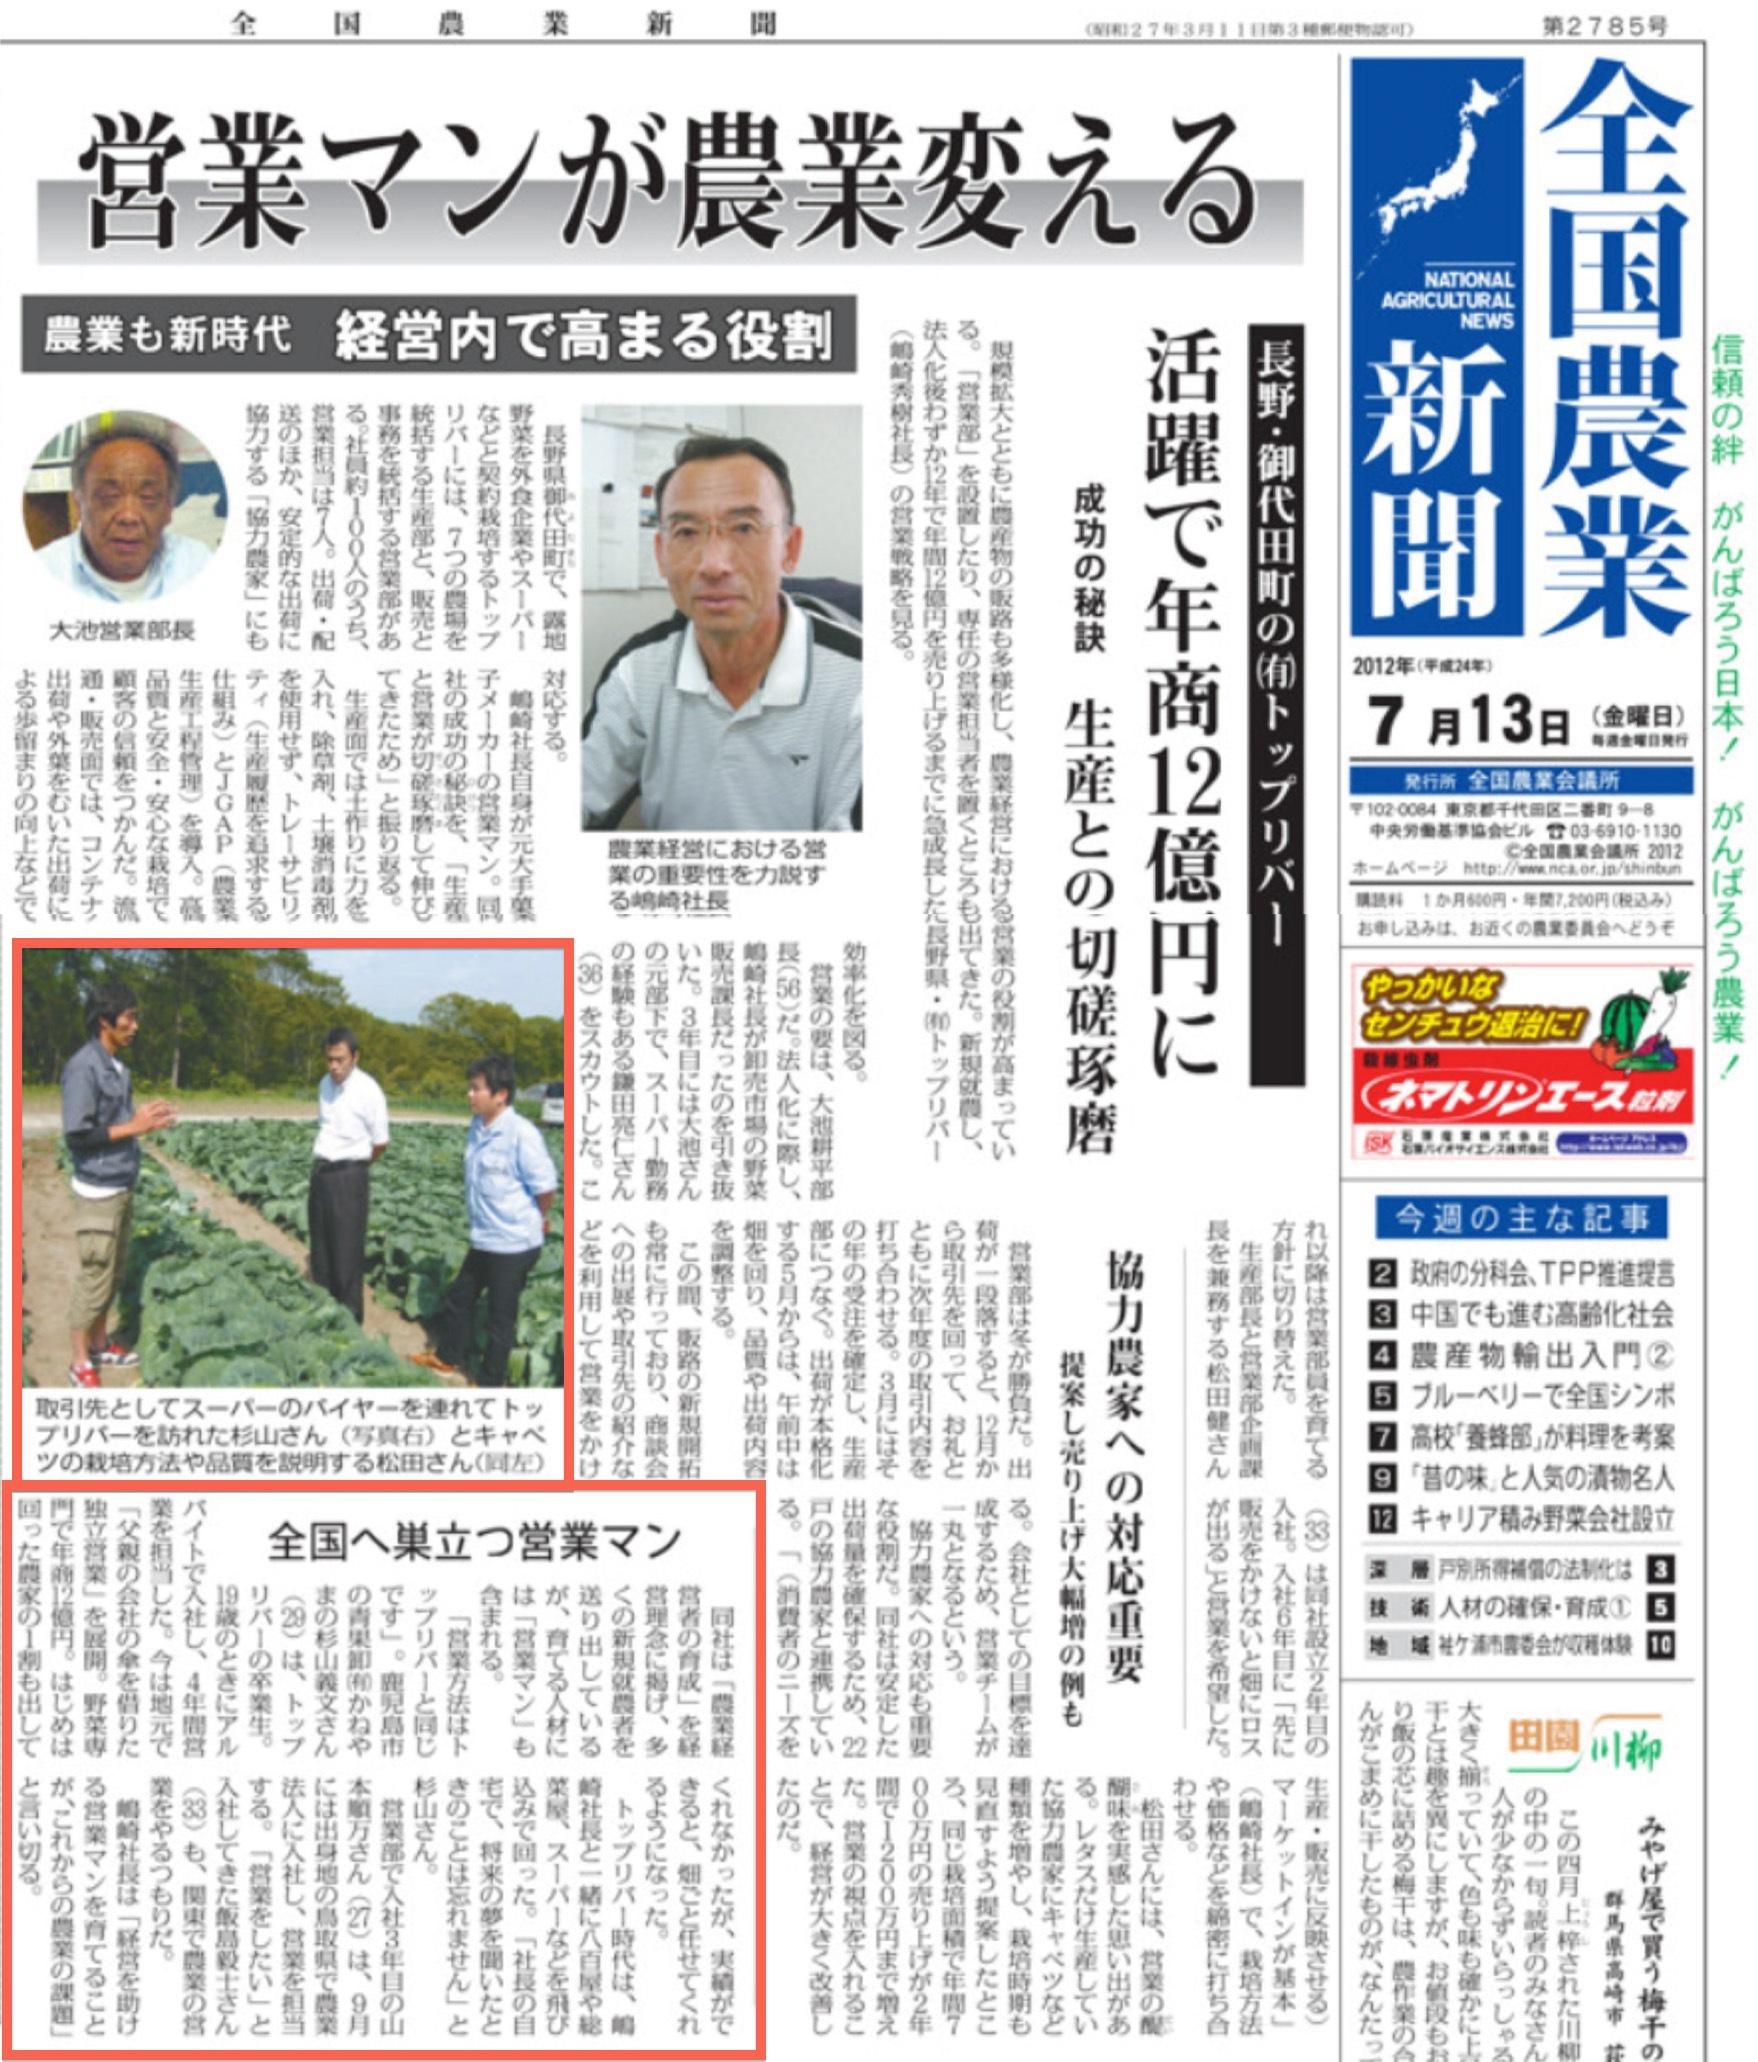 2012年7月13日 全国農業新聞